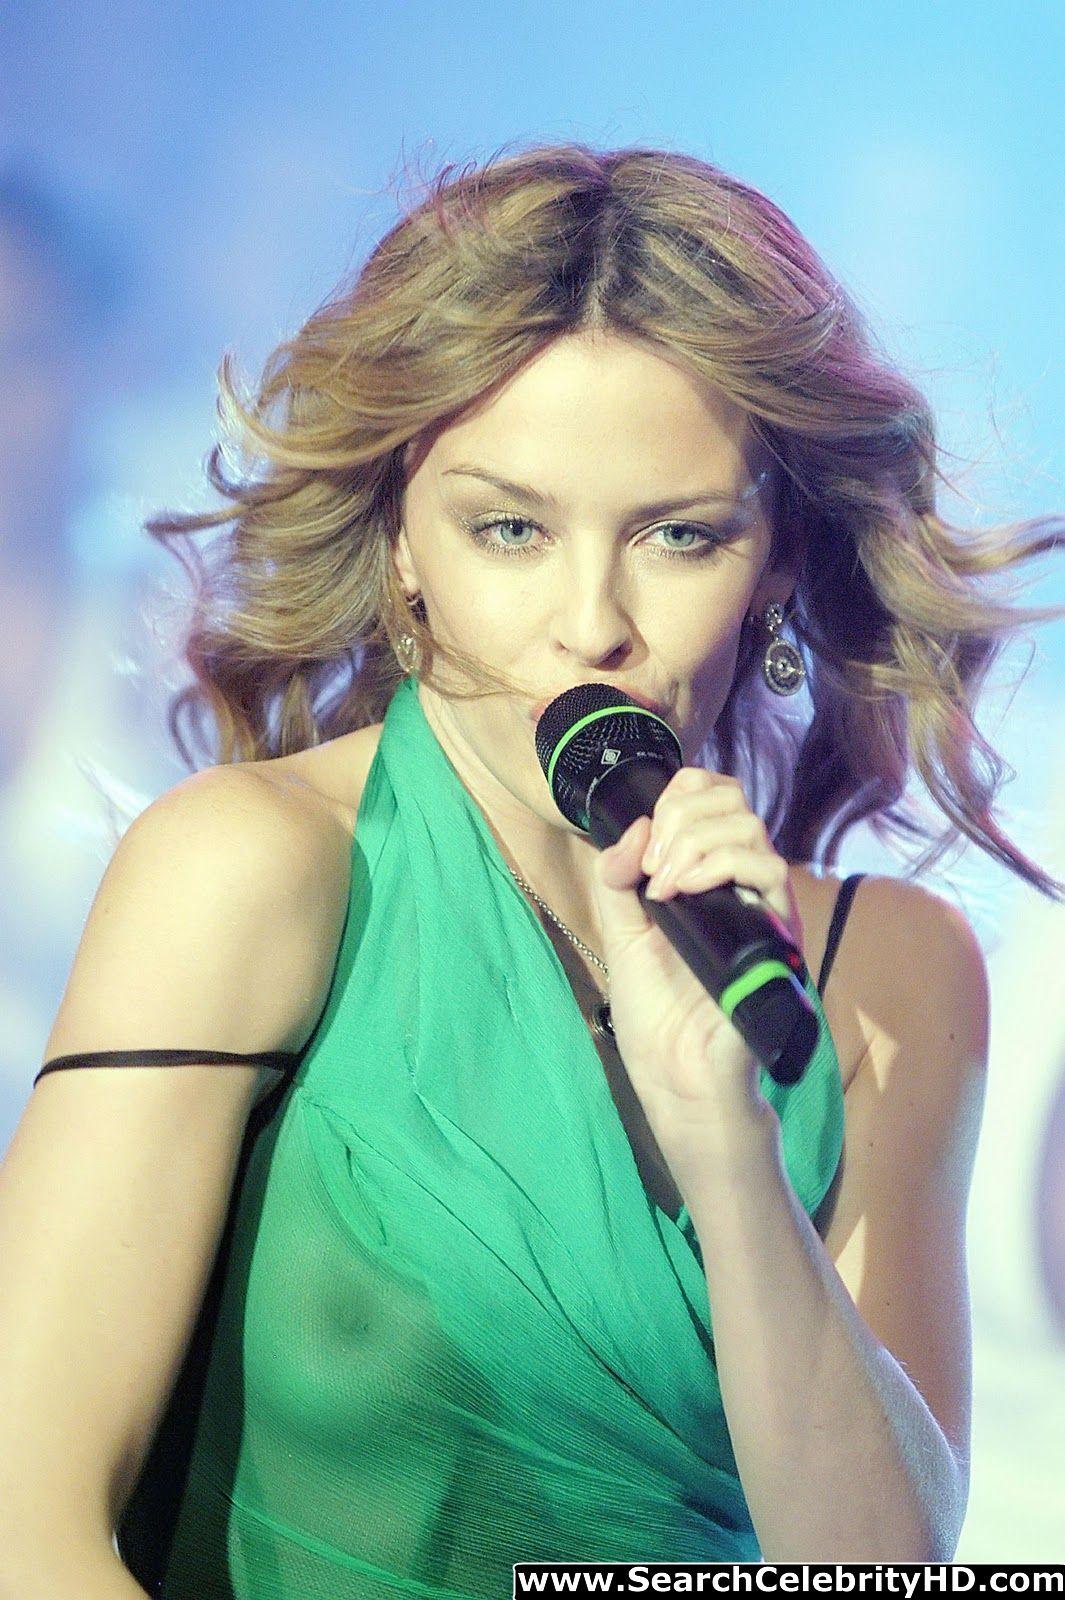 http://3.bp.blogspot.com/-vT-AN-165qc/UMxWb5Qc6wI/AAAAAAAAAGk/6orwyTfmtwo/s1600/Kylie+Minogue+See-Through+Boobie+Revealing+Green+Top-www.searchcelebrityhd.com-001+(1).jpg